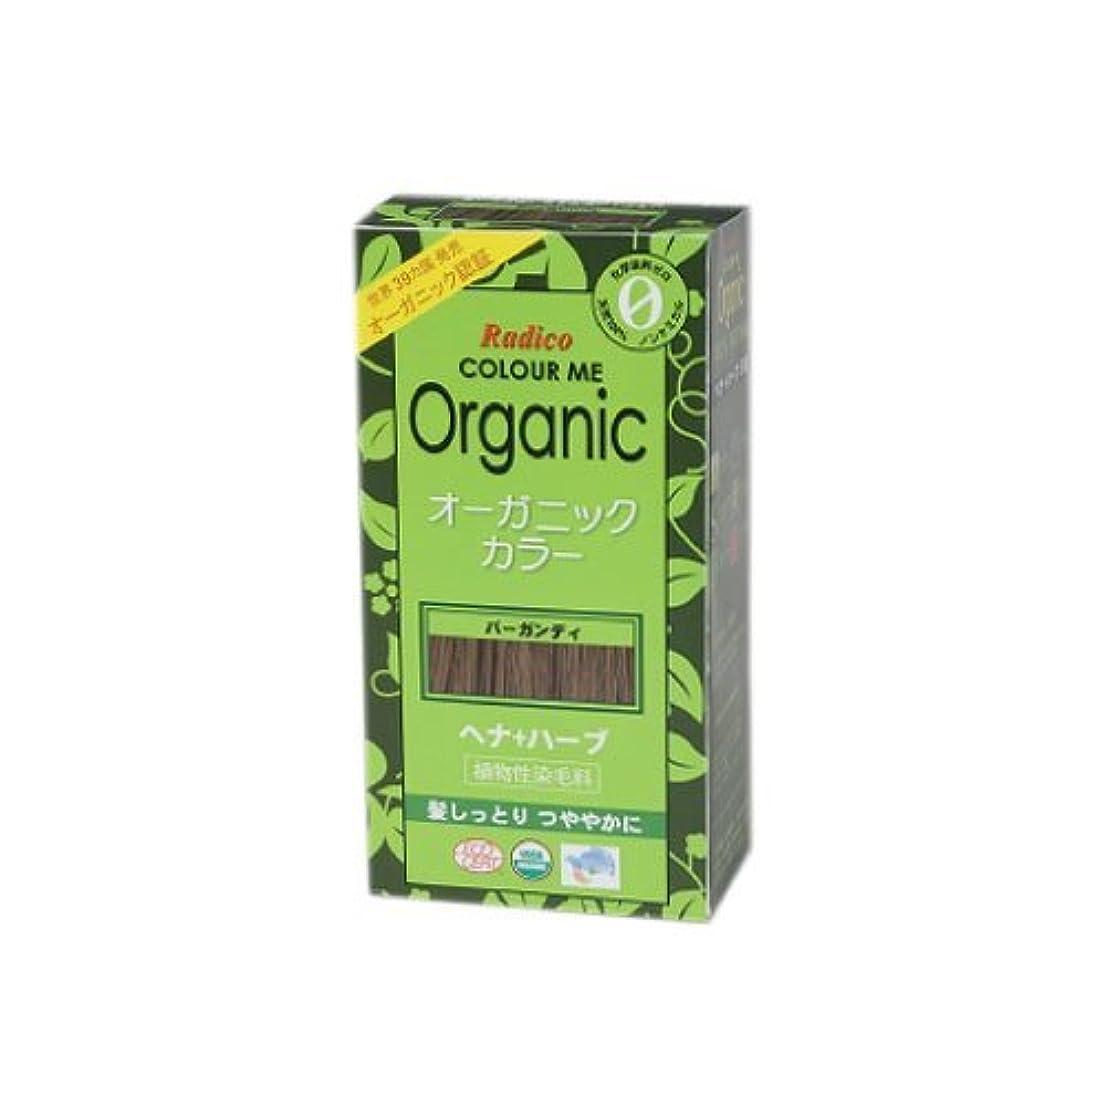 激怒再開不和COLOURME Organic (カラーミーオーガニック ヘナ 白髪用) バーガンディ 100g